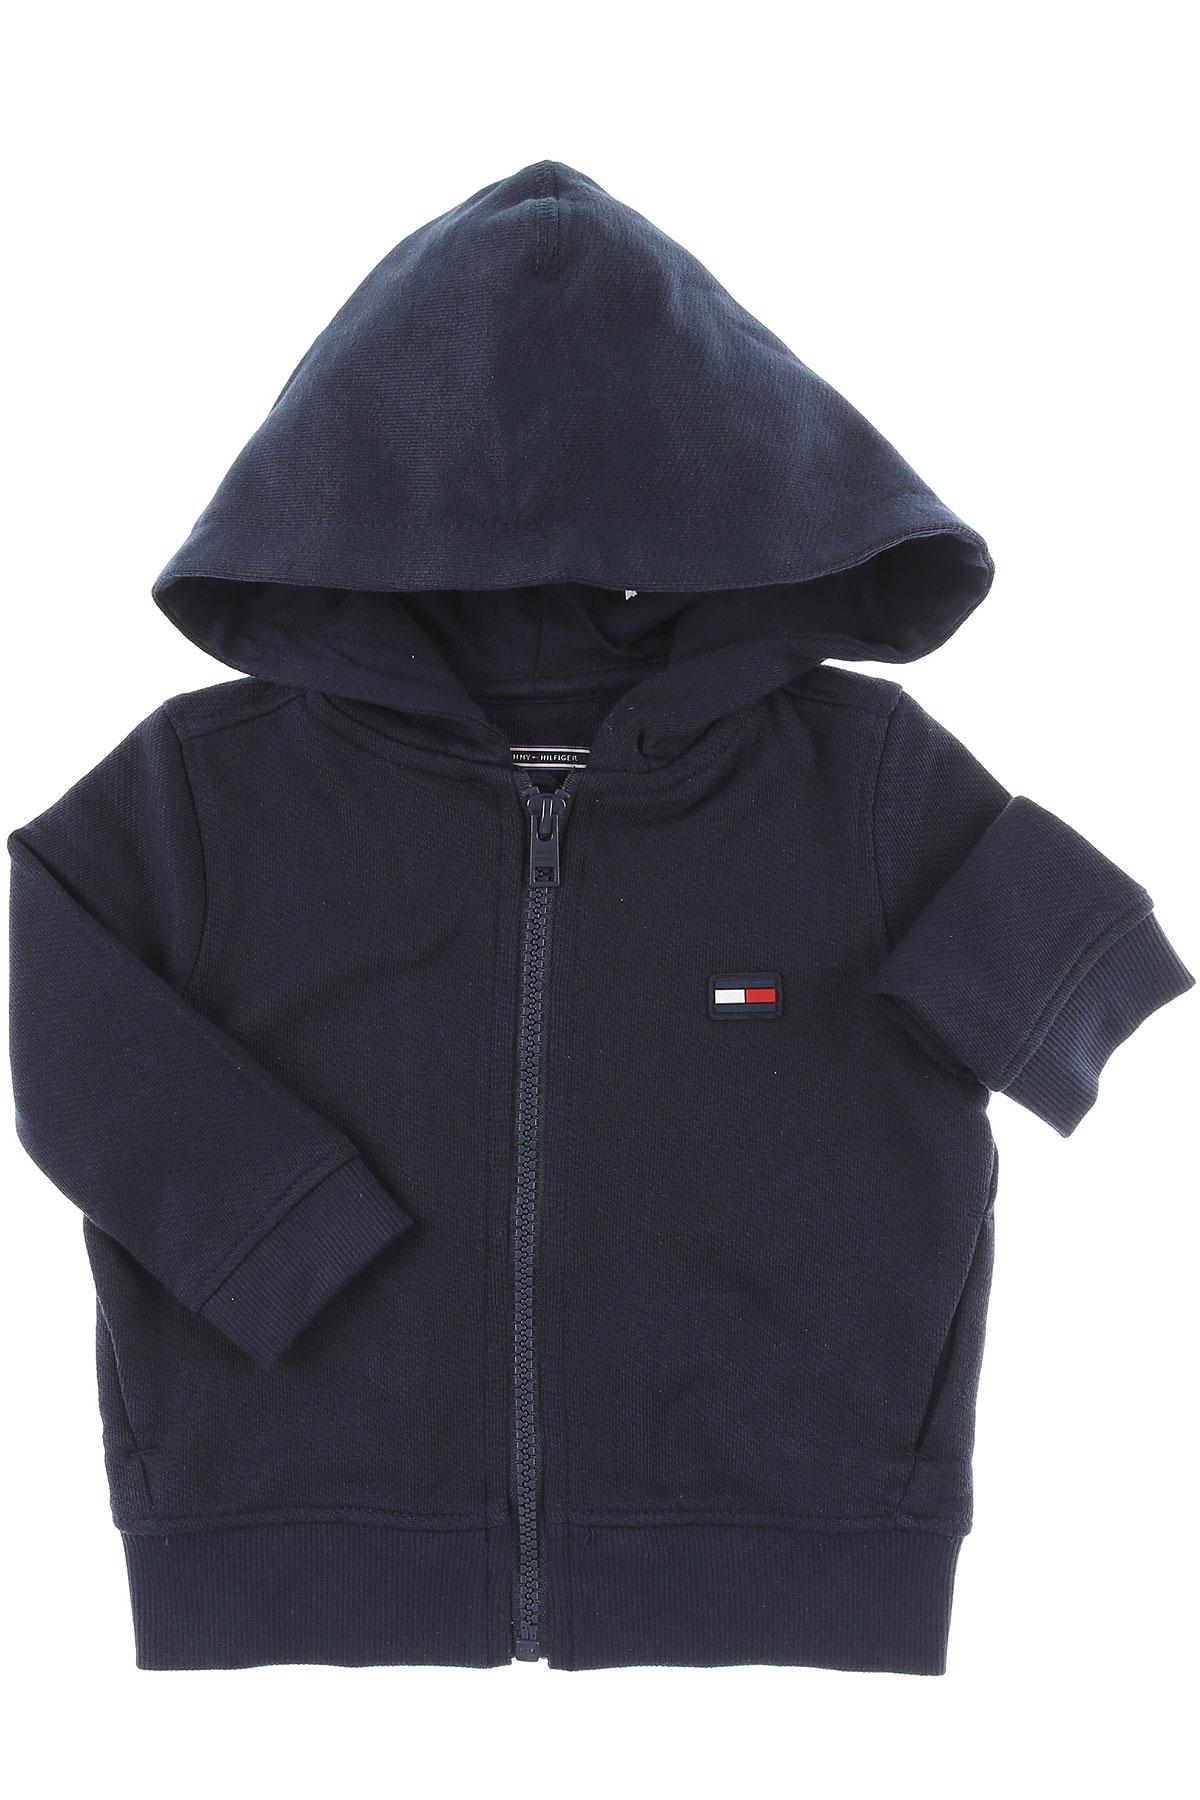 Image of Tommy Hilfiger Baby Sweatshirts & Hoodies for Boys, Navy Blue, Cotton, 2017, 10Y 4Y 6Y 8Y